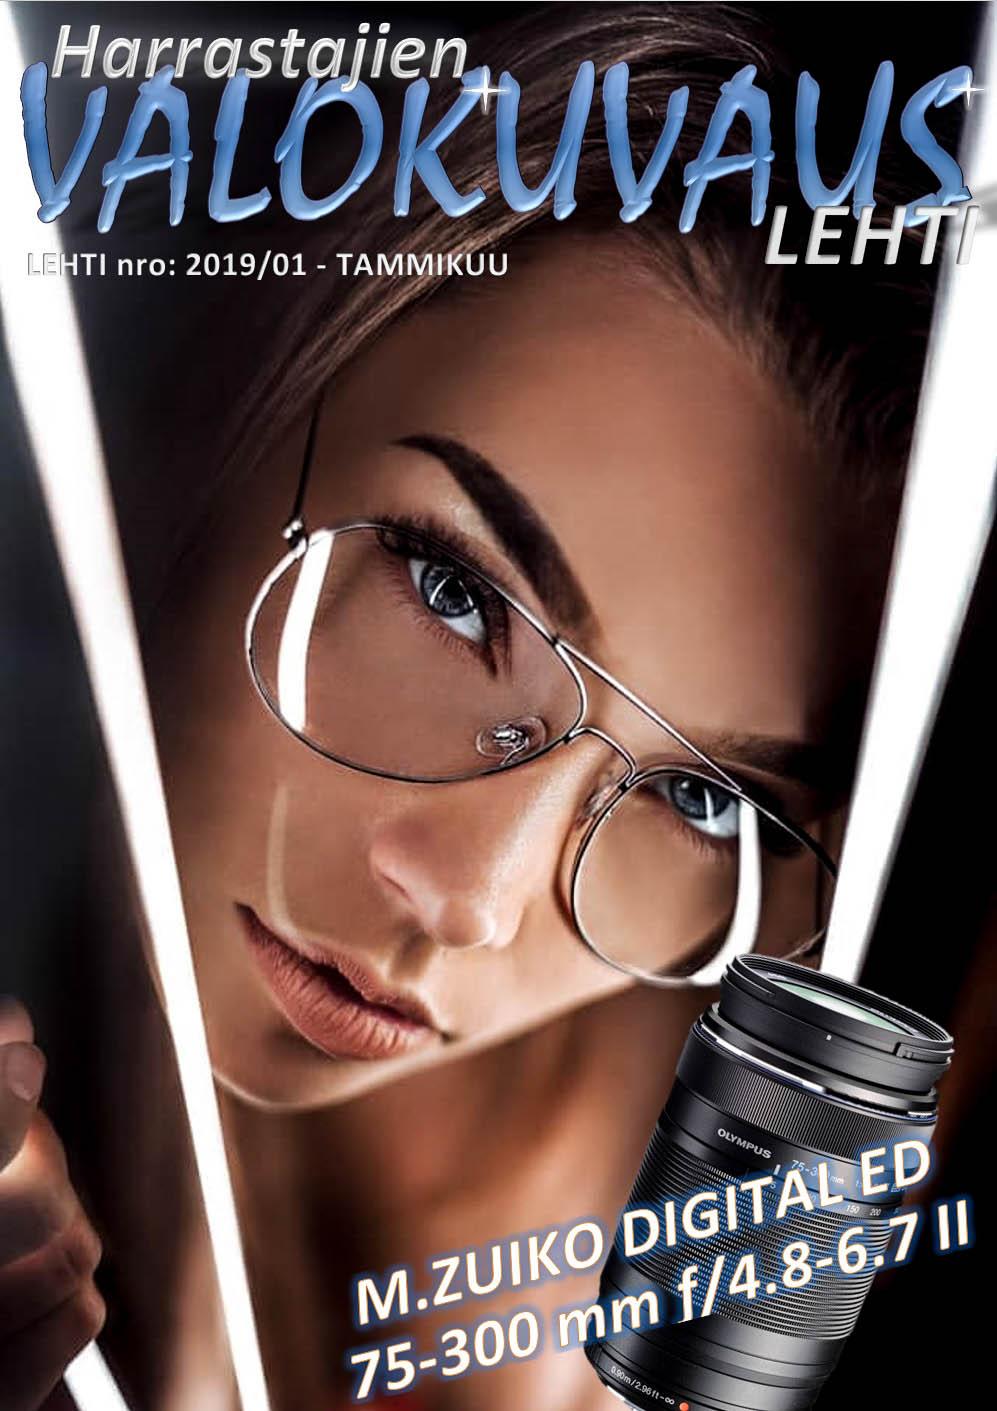 VALOKUVAUS-LEHTI 2019/01